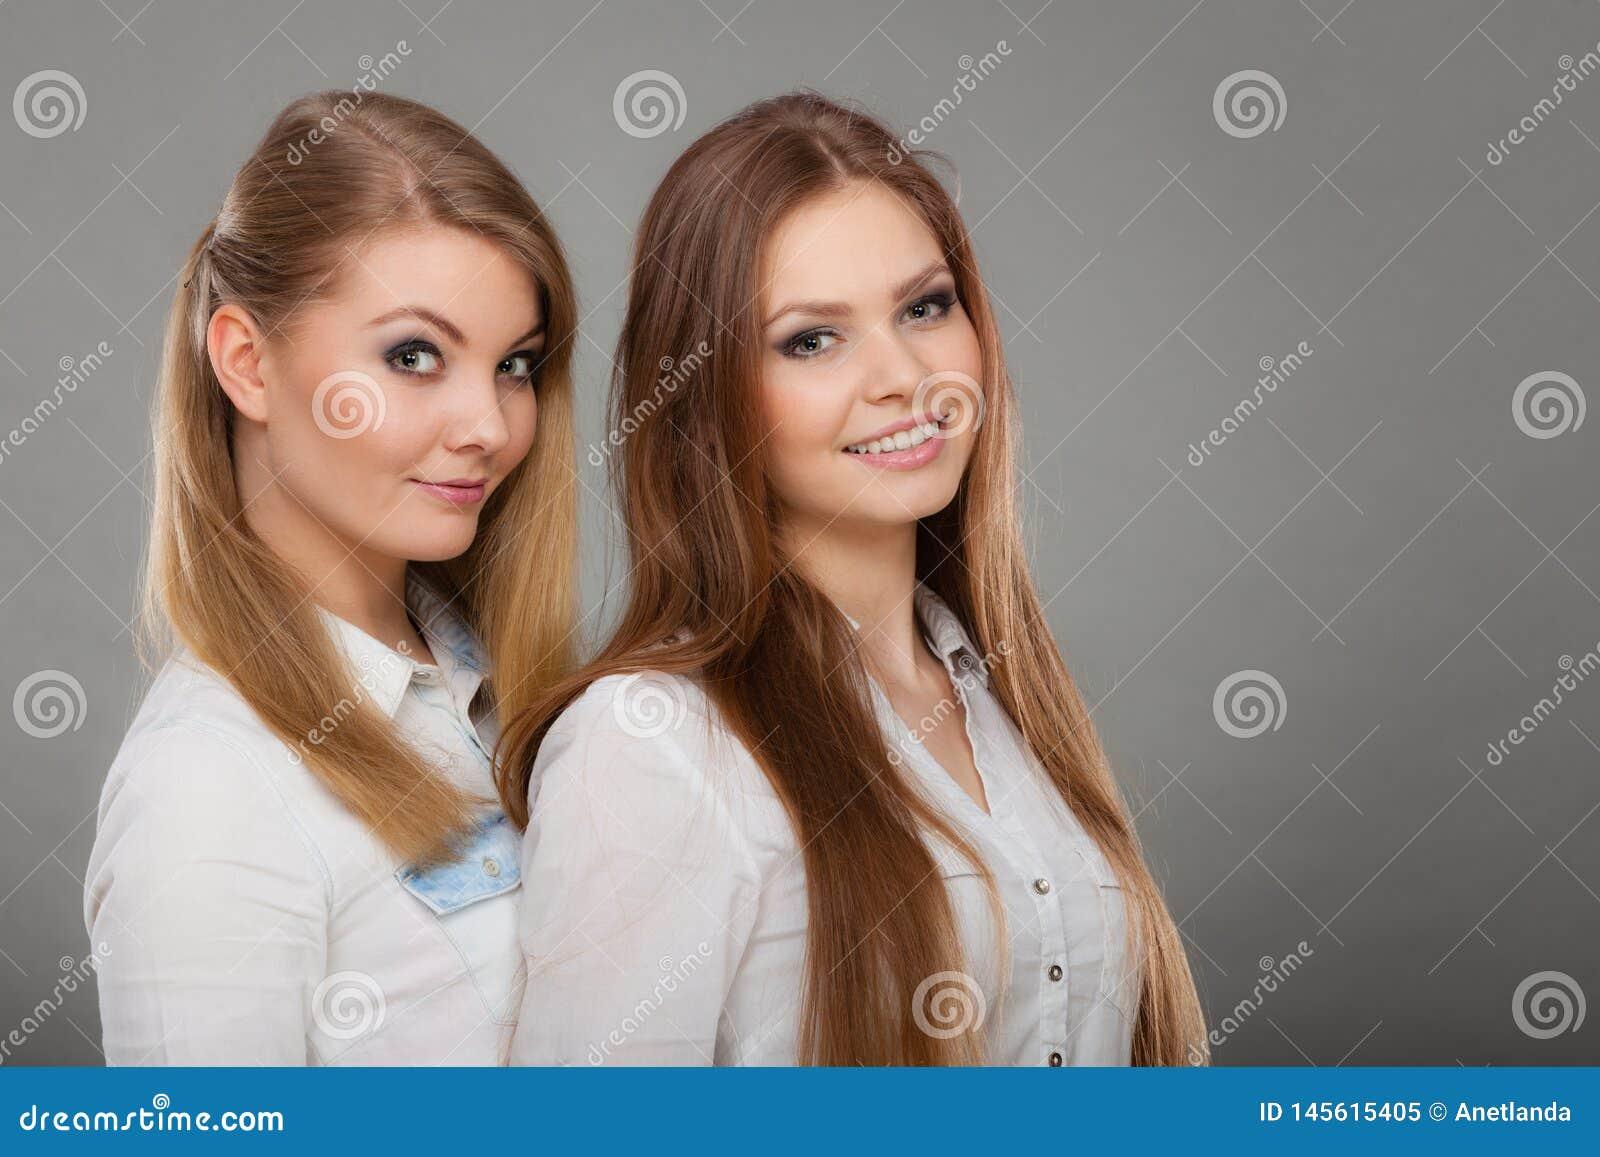 Blondinen Brünette Zwei Eine Brünettewitze